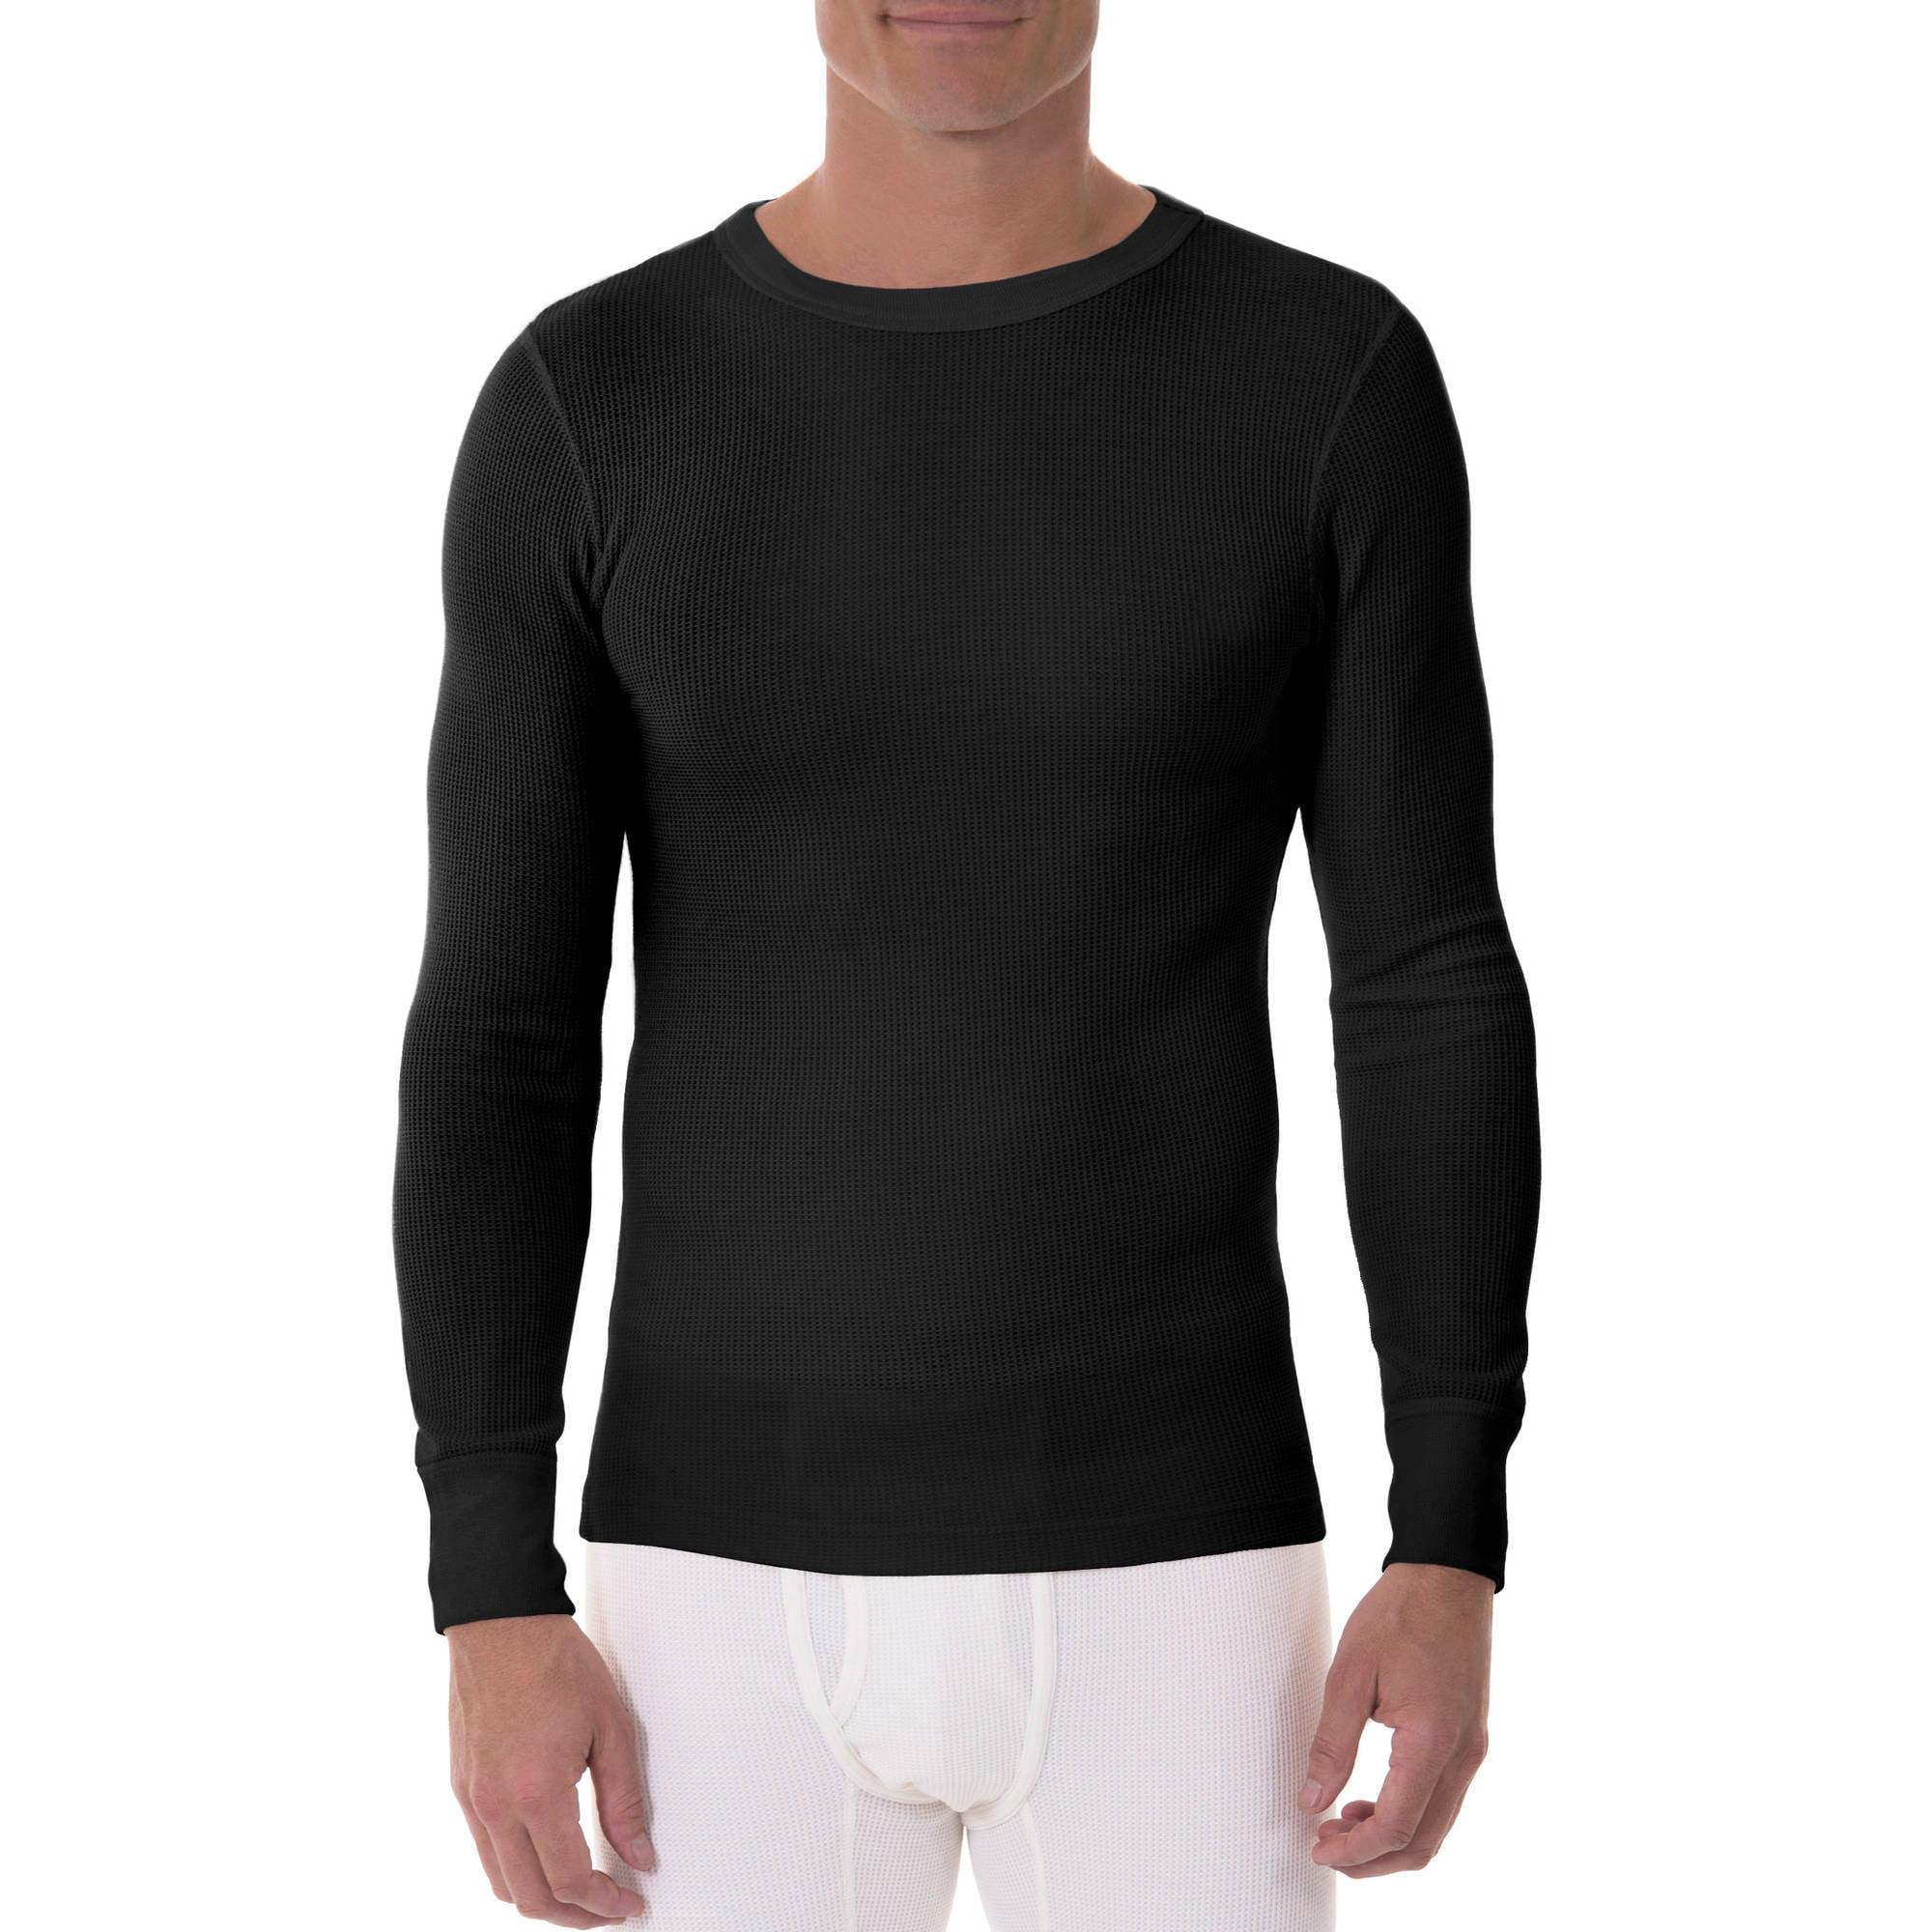 Dickies Men's Waffle Work Thermal Underwear Top